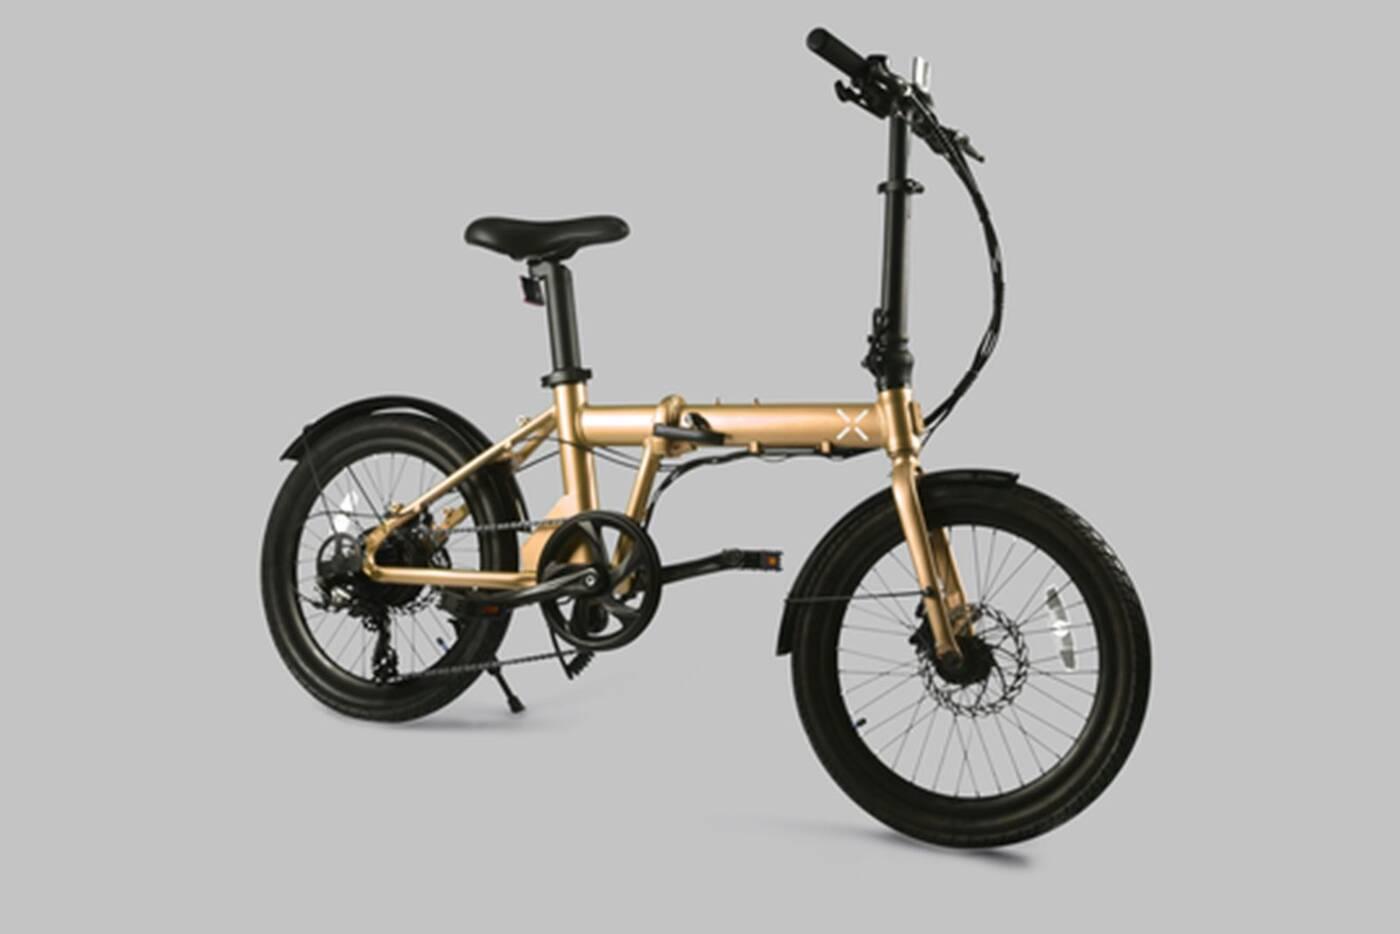 X Mobility wpadło na rynek elektrycznej mobilności z budżetowymi modelami